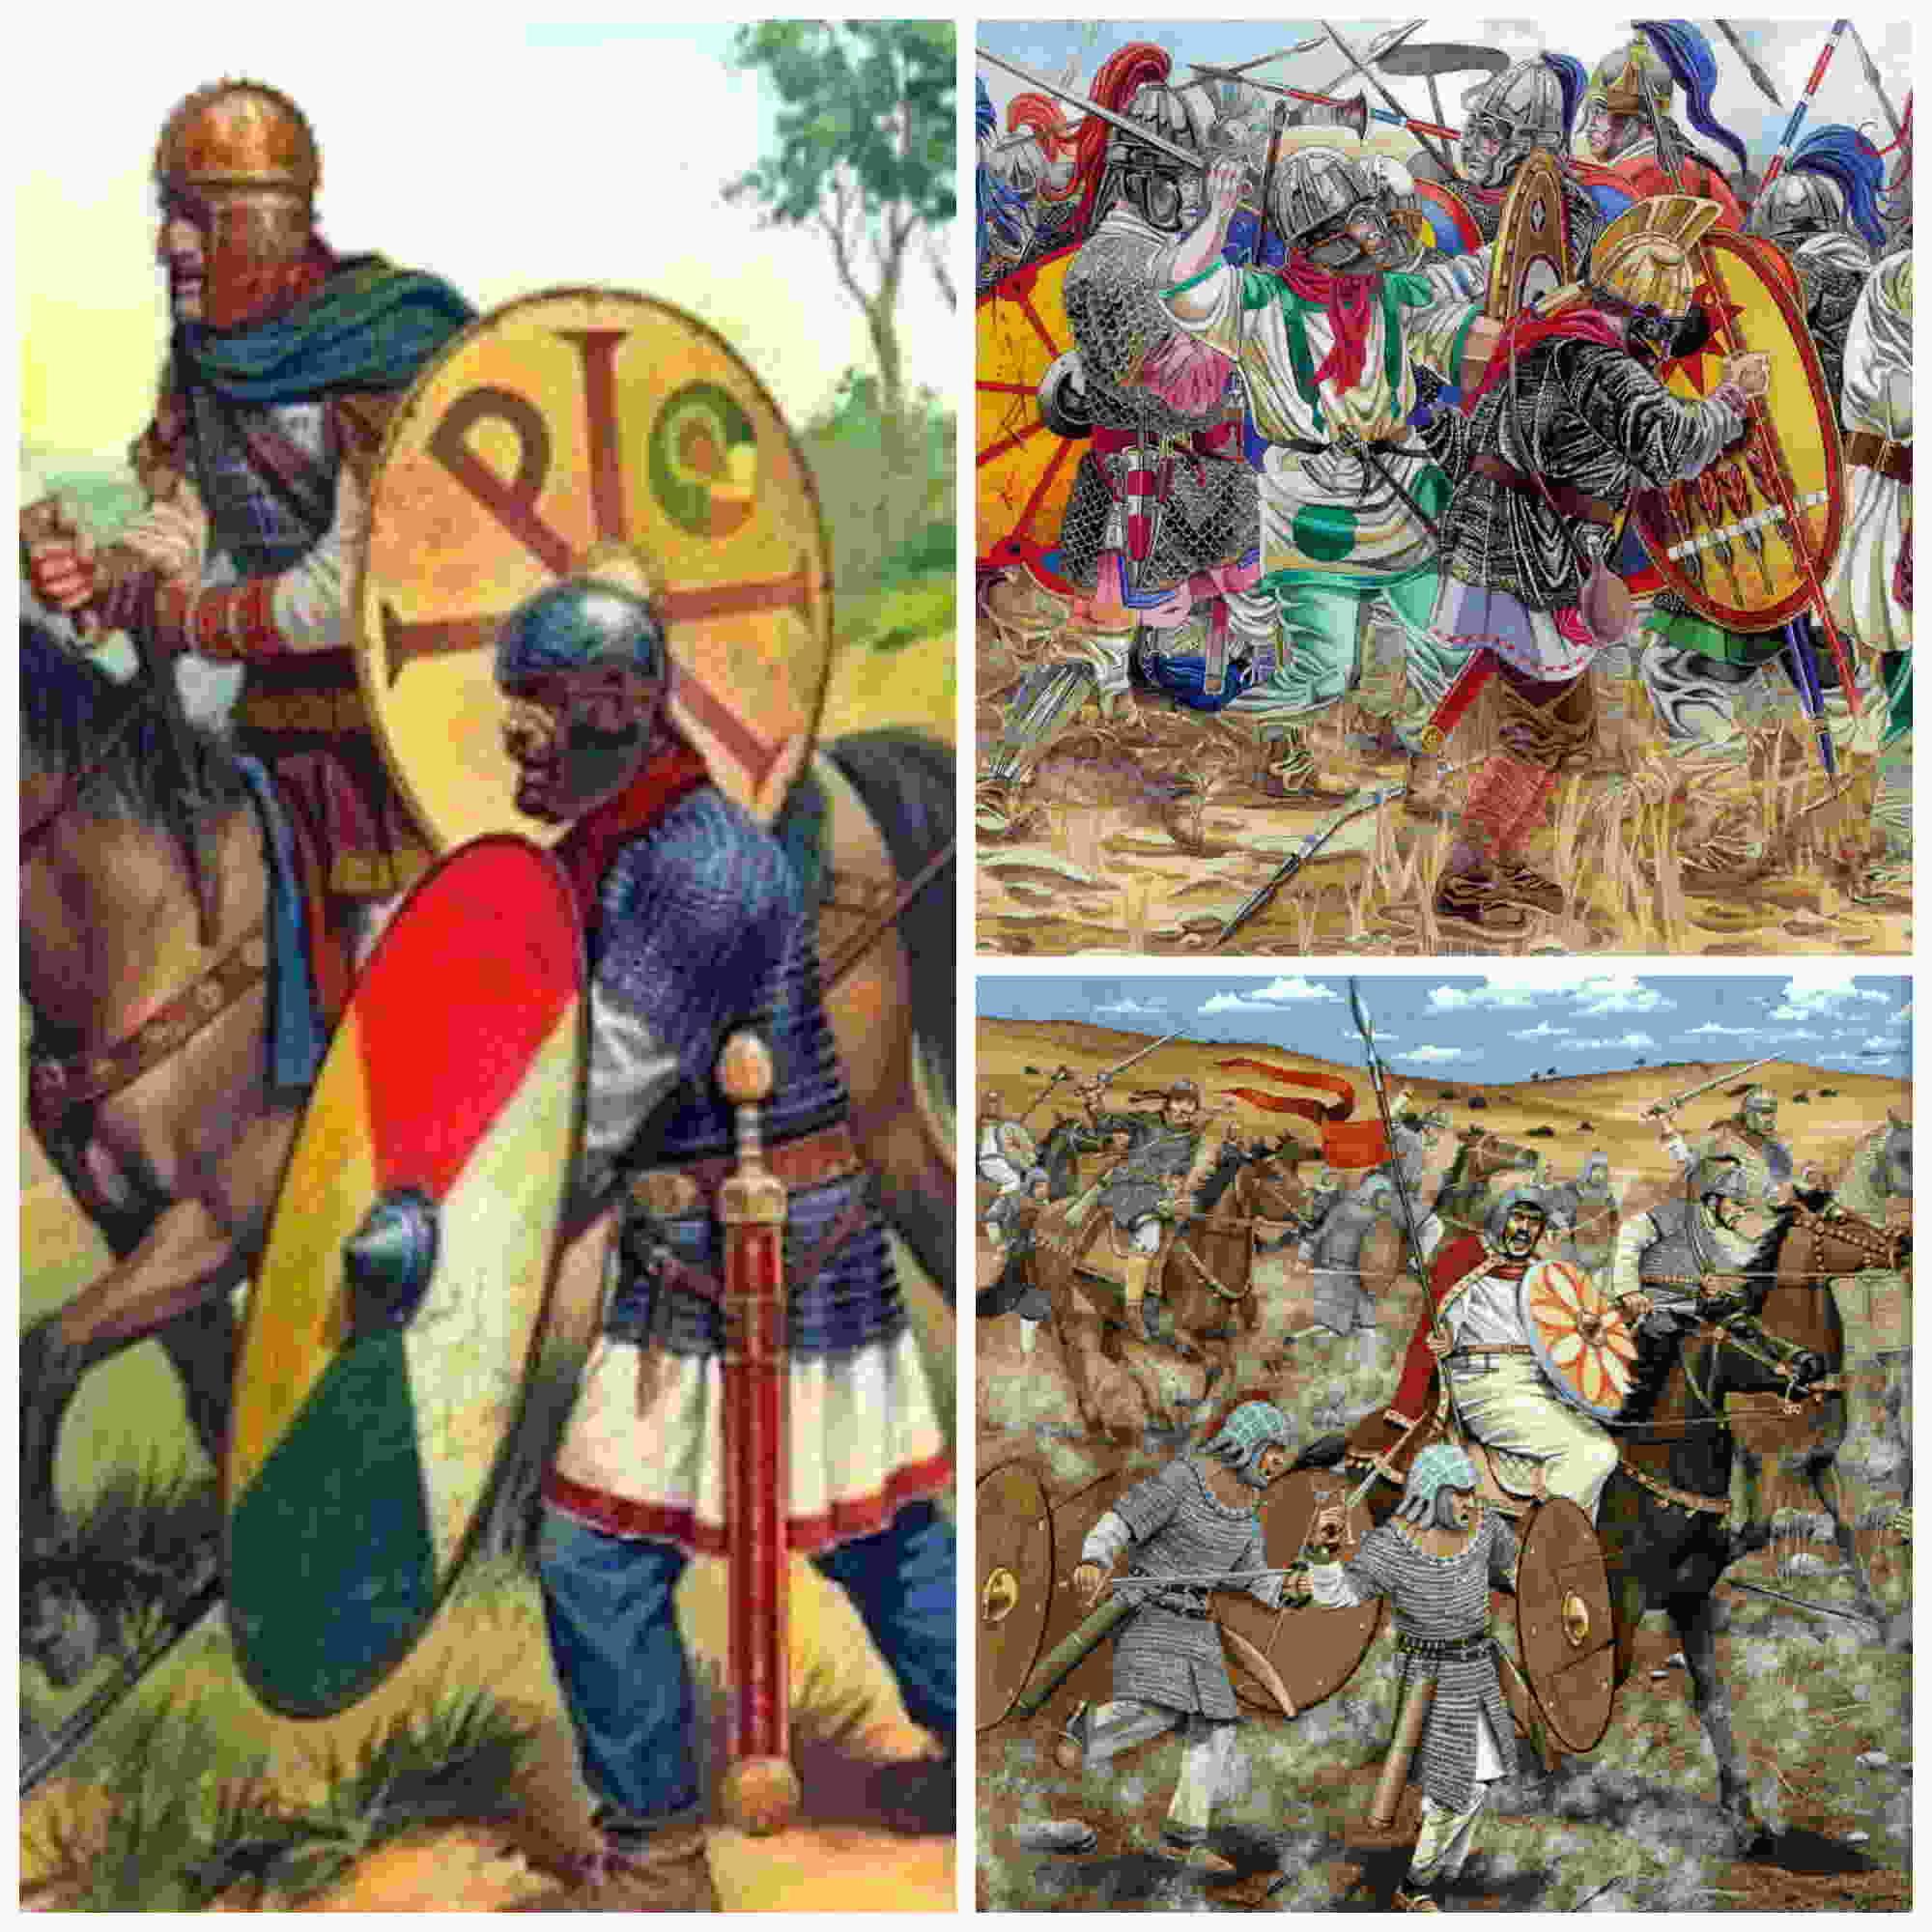 El ejército de Bizancio en el siglo VI